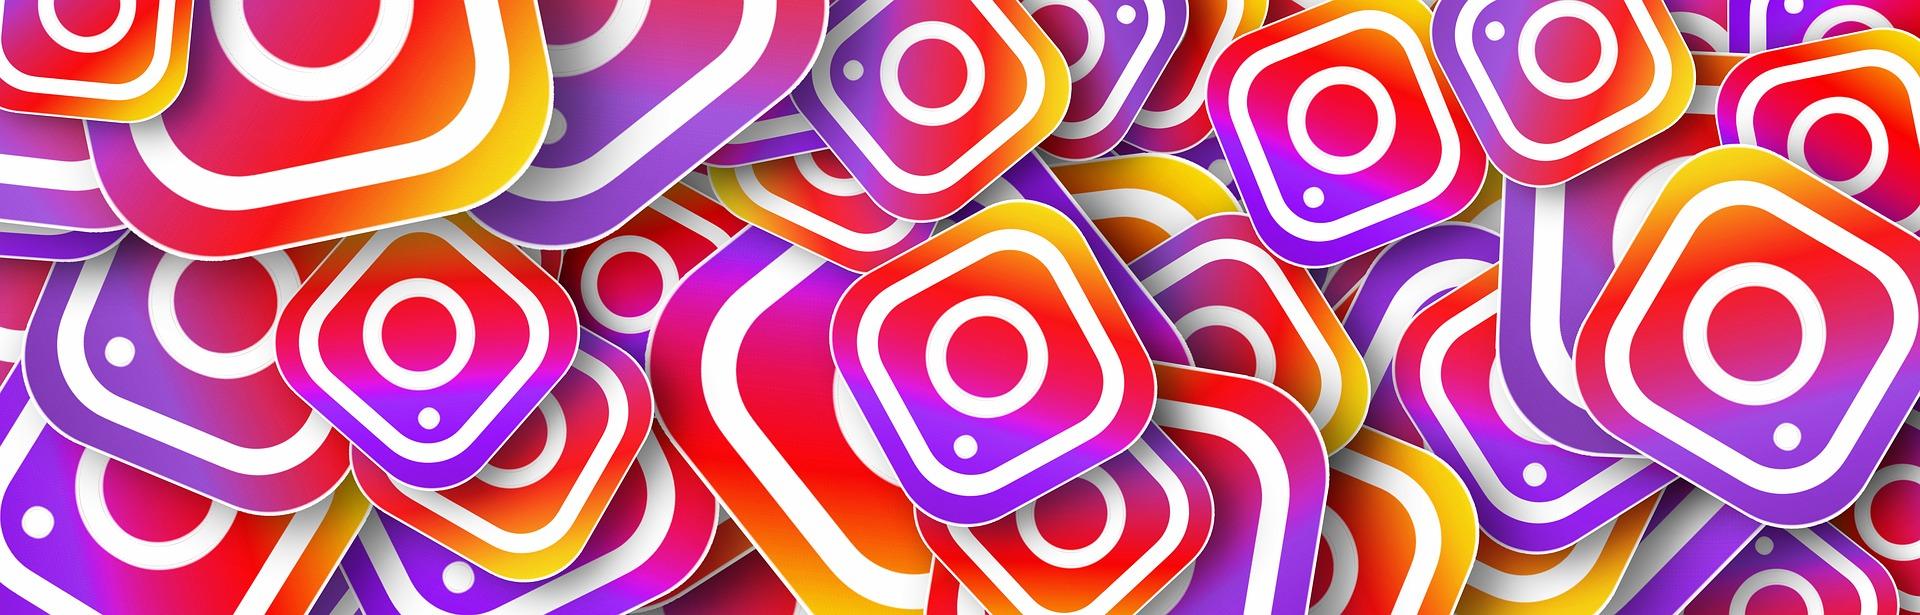 Come scrivere su una foto con Instagram